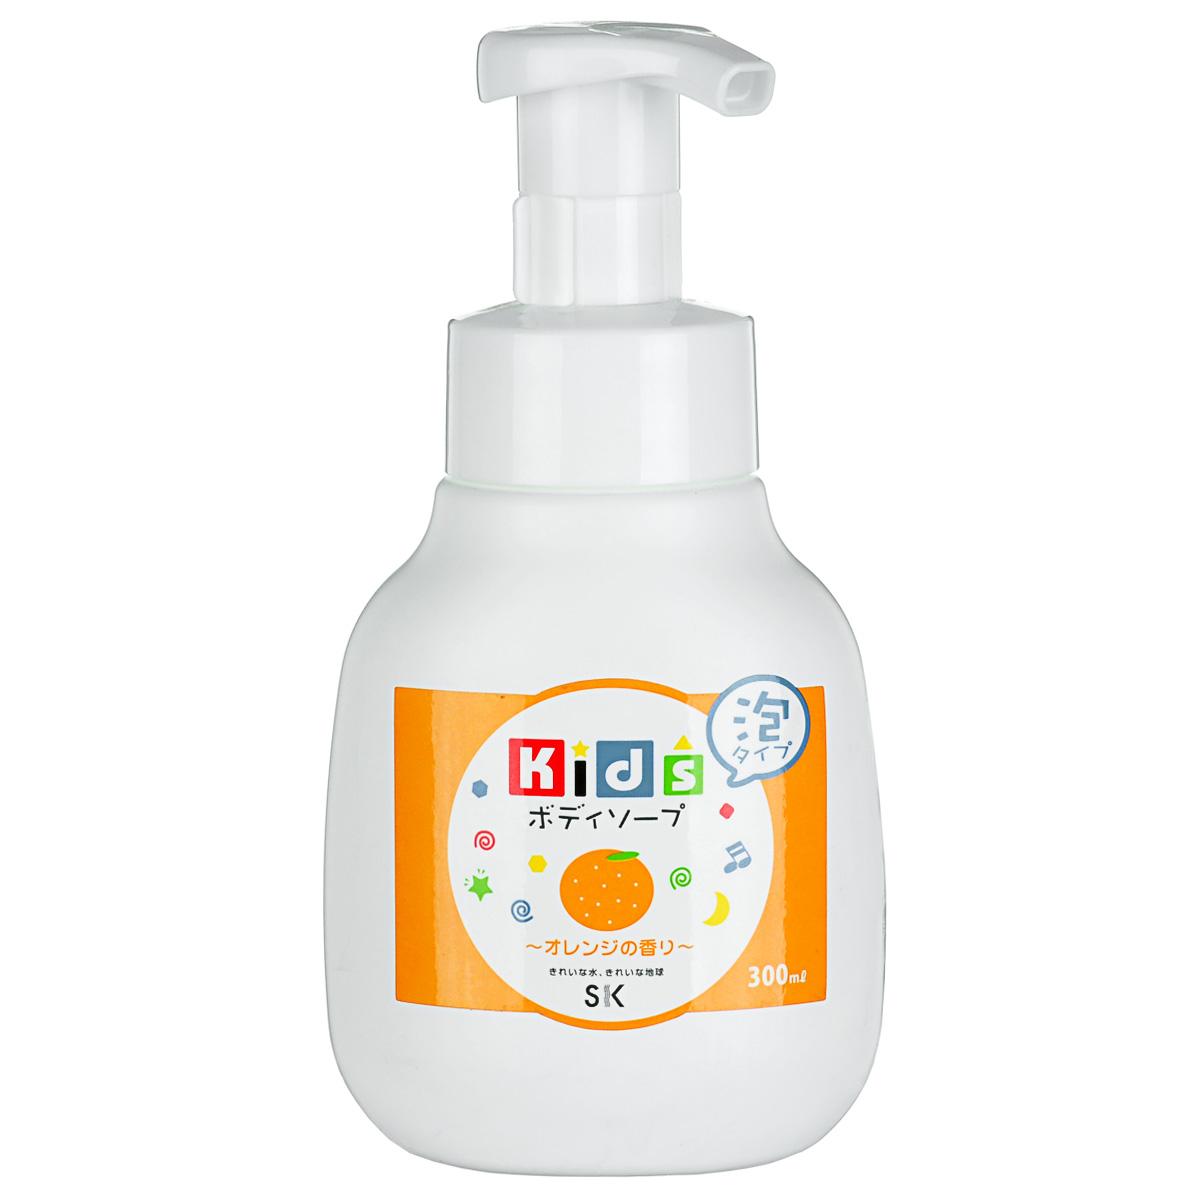 SK Kids Детское пенное мыло для тела с ароматом апельсина, 300 мл1731206Воздушное детское пенное мыло порадует вашего малыша сочным ароматом апельсина и мыльными пузырьками! Очистит детскую кожу и обеспечит полноценный уход за ней, абсолютно безопасно. Экстракт апельсиновой цедры, в составе пенки, смягчит и окажет тонизирующее действие на нежную кожу. Не содержит ПАВ, искусственных красителей, ароматизаторов, антиоксидантов, поэтому мыло необходимо хранить в местах, защищенных от прямых солнечных лучей, высокой температуры и влажности. Проверено дерматологами.